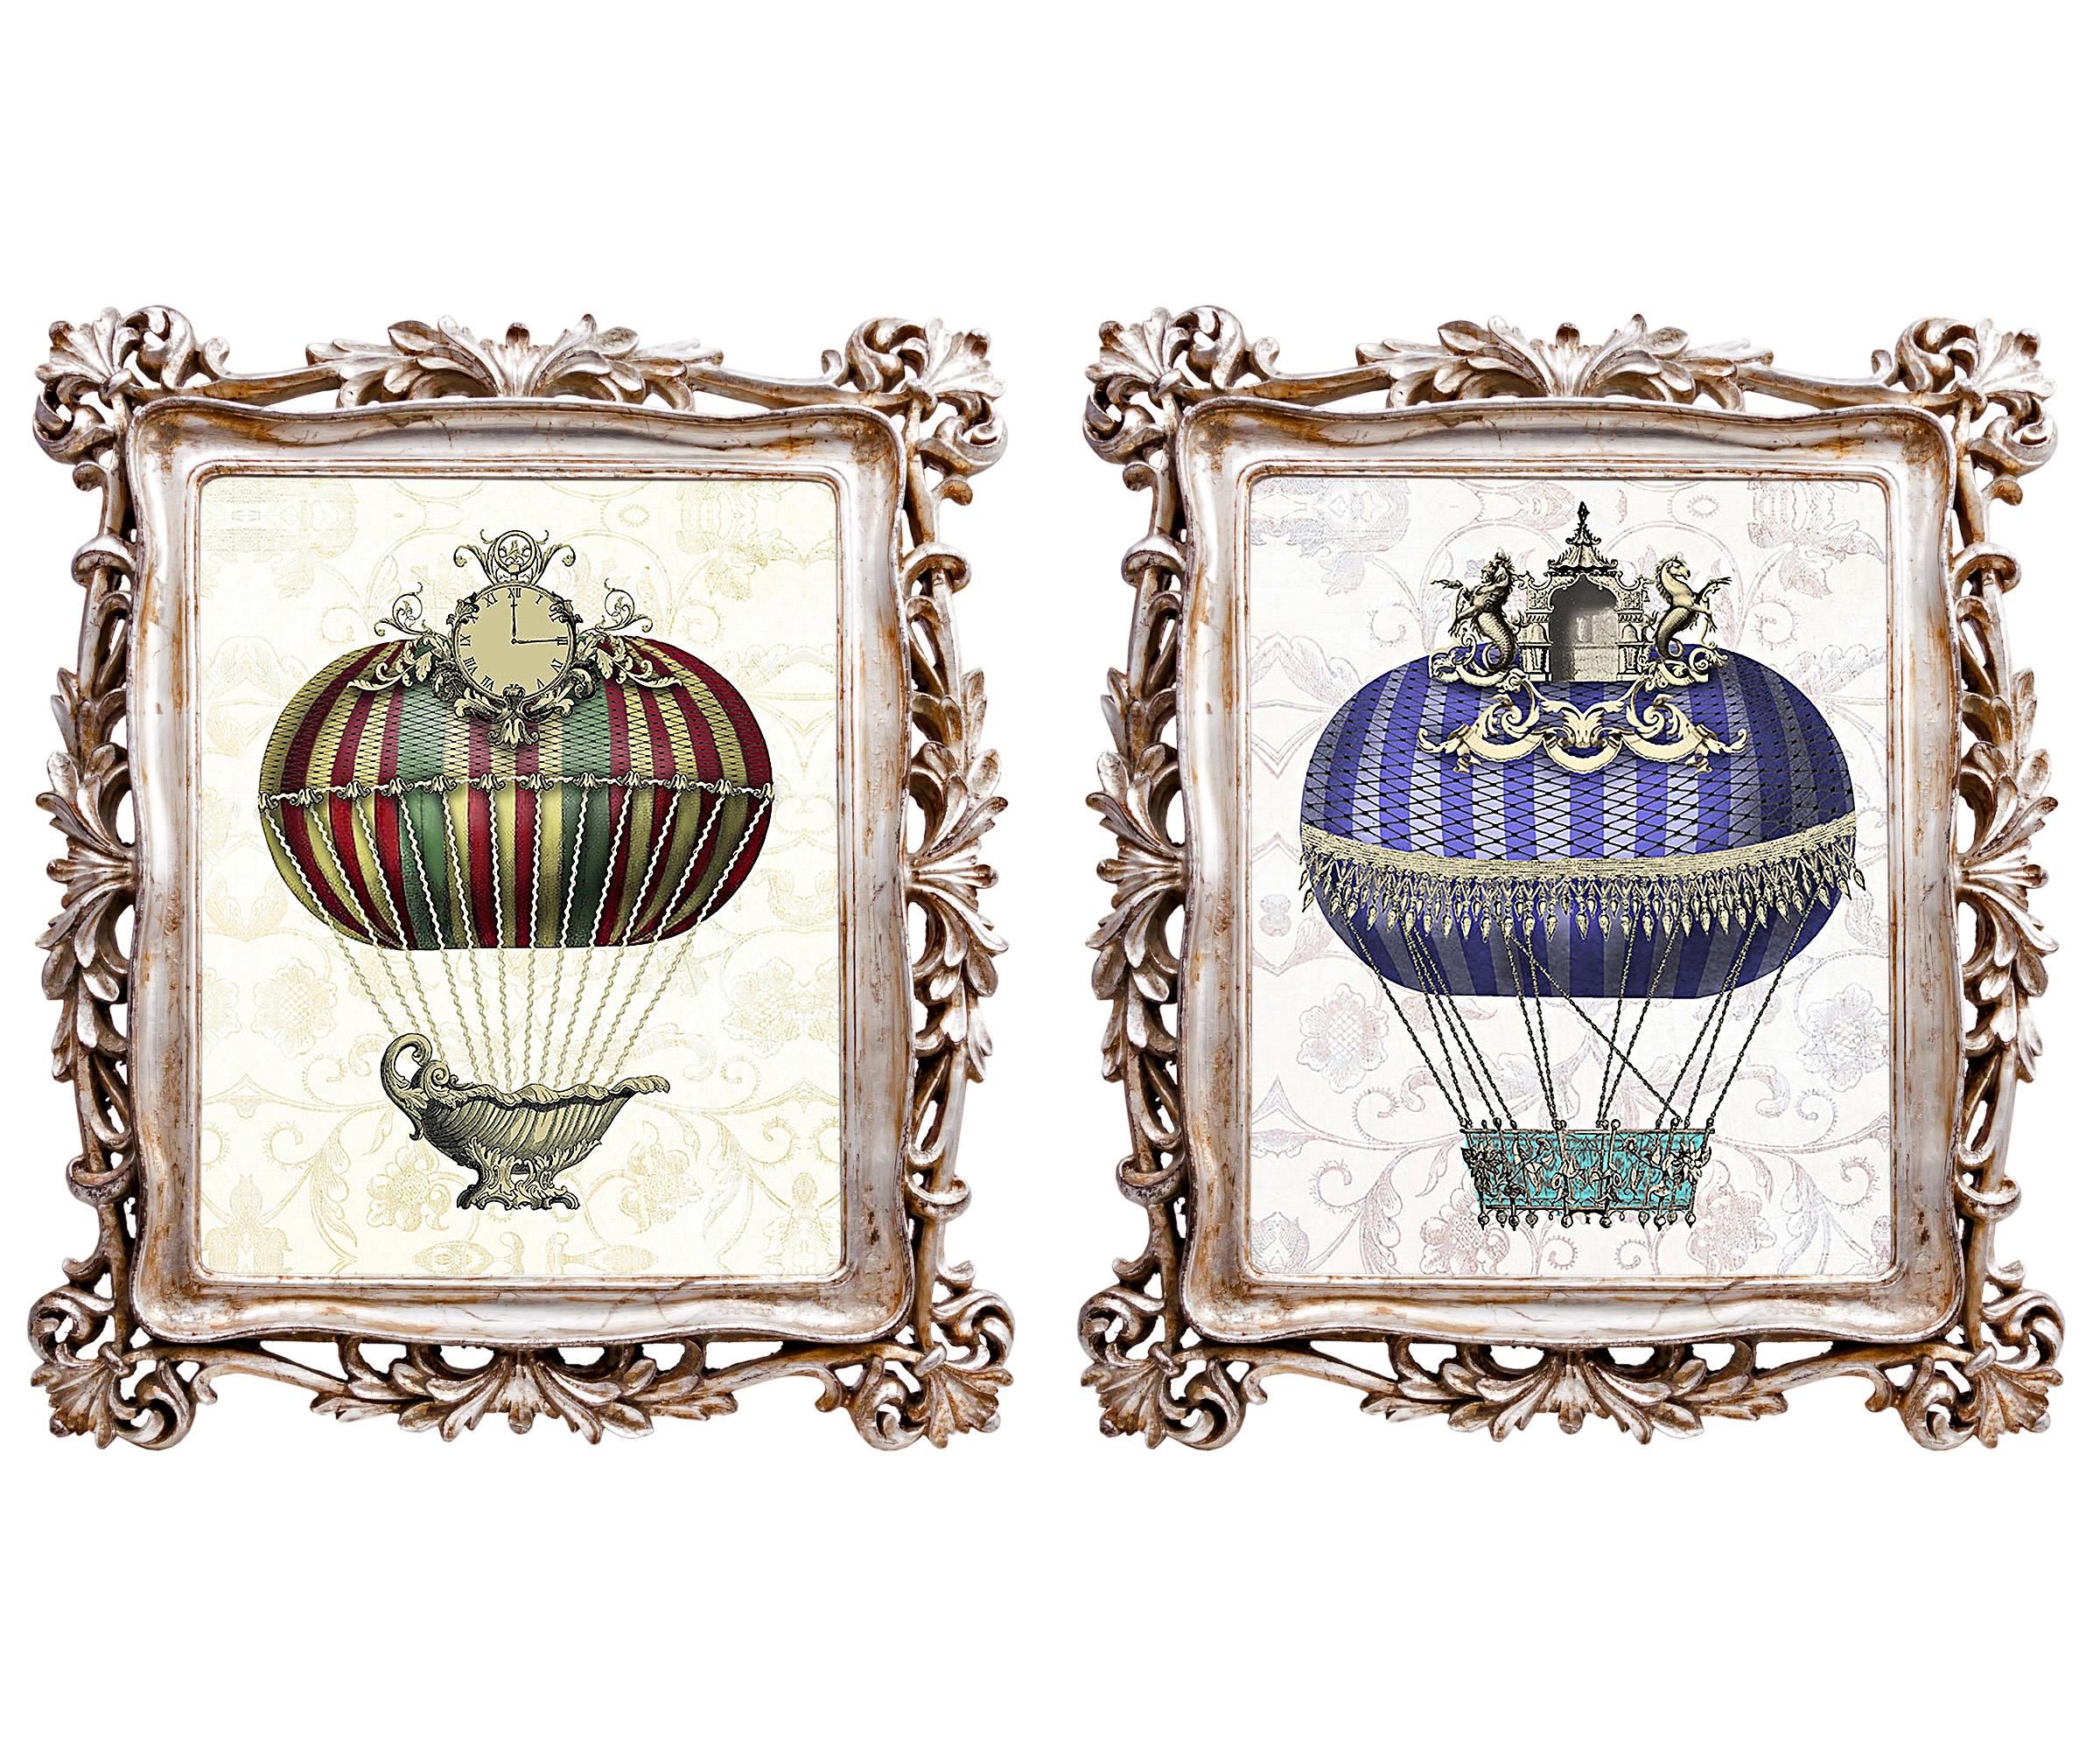 Набор из двух картин Арт-фантазия Монгольфьер версия 4Картины<br>Мода на воздушные шары, взлетевшая над миром во второй половине XVIII века, не проходит никогда. Ведь воздух и свобода, романтика и праздник - стиль жизни, парящий высоко за пределами моды. Рама снабжена удобными просторными скобами для вертикального и горизонтального крепления на стену. <br>Оборотная сторона рамы обита бархатным полиэстером, - в любом ракурсе рама выглядит роскошно. <br>Рамы, выполненные из полистоуна, неприхотливы в уходе. Этот материал прочен, легок, стоек к влаге и солнечному свету.<br><br>Material: Полистоун<br>Width см: 29,7<br>Depth см: 2,2<br>Height см: 34,7